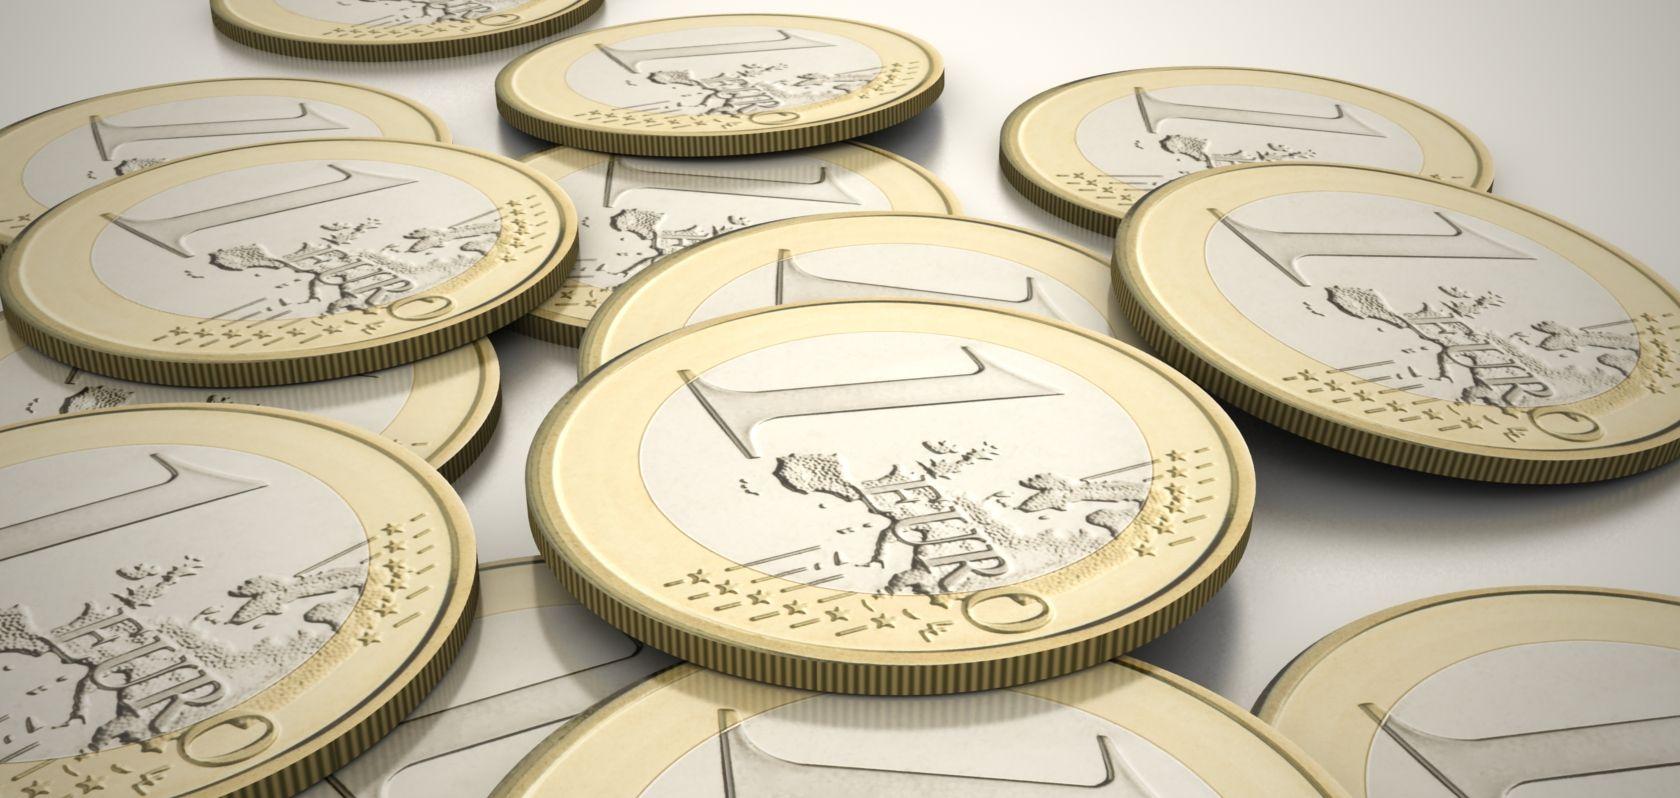 أسباب قد تدفع بائعي اليورو للقلق